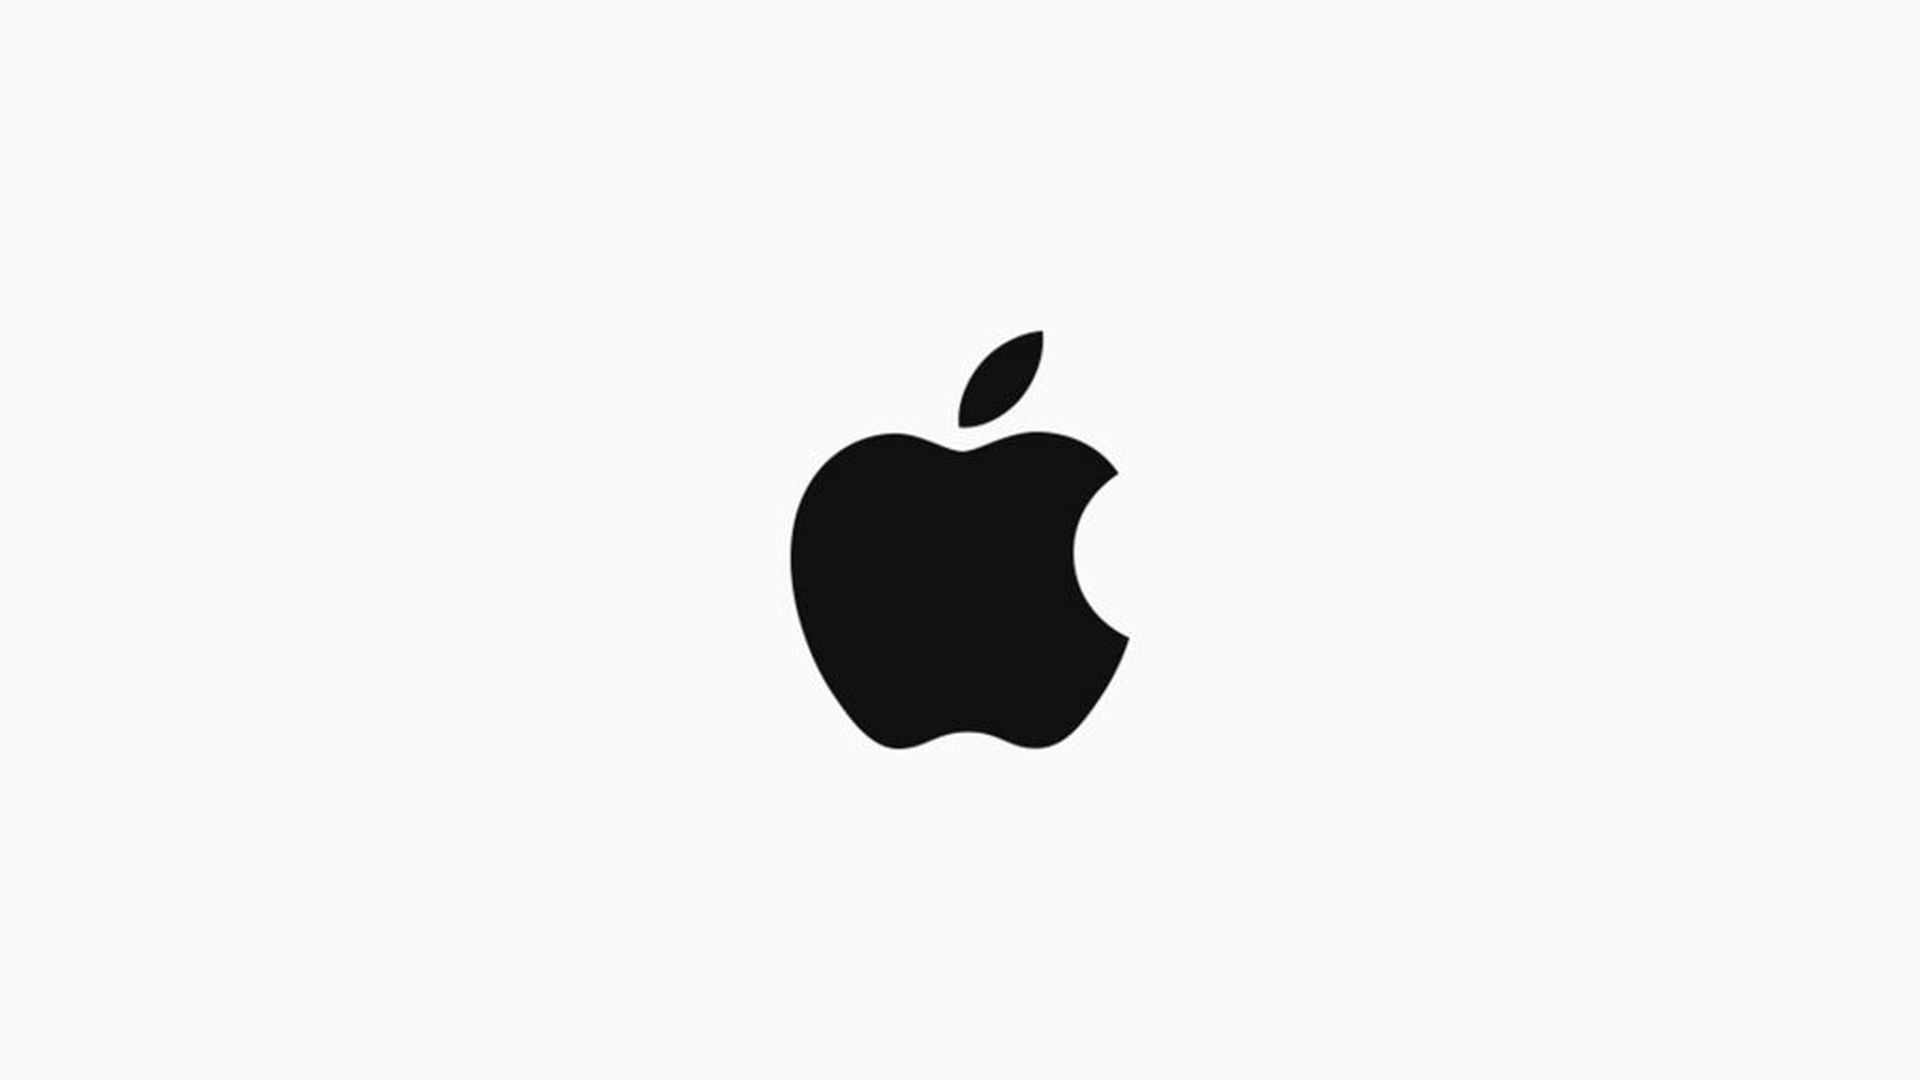 Firma Apple potwierdziła opóźnienie sprzedaży tegorocznych iPhone'ów